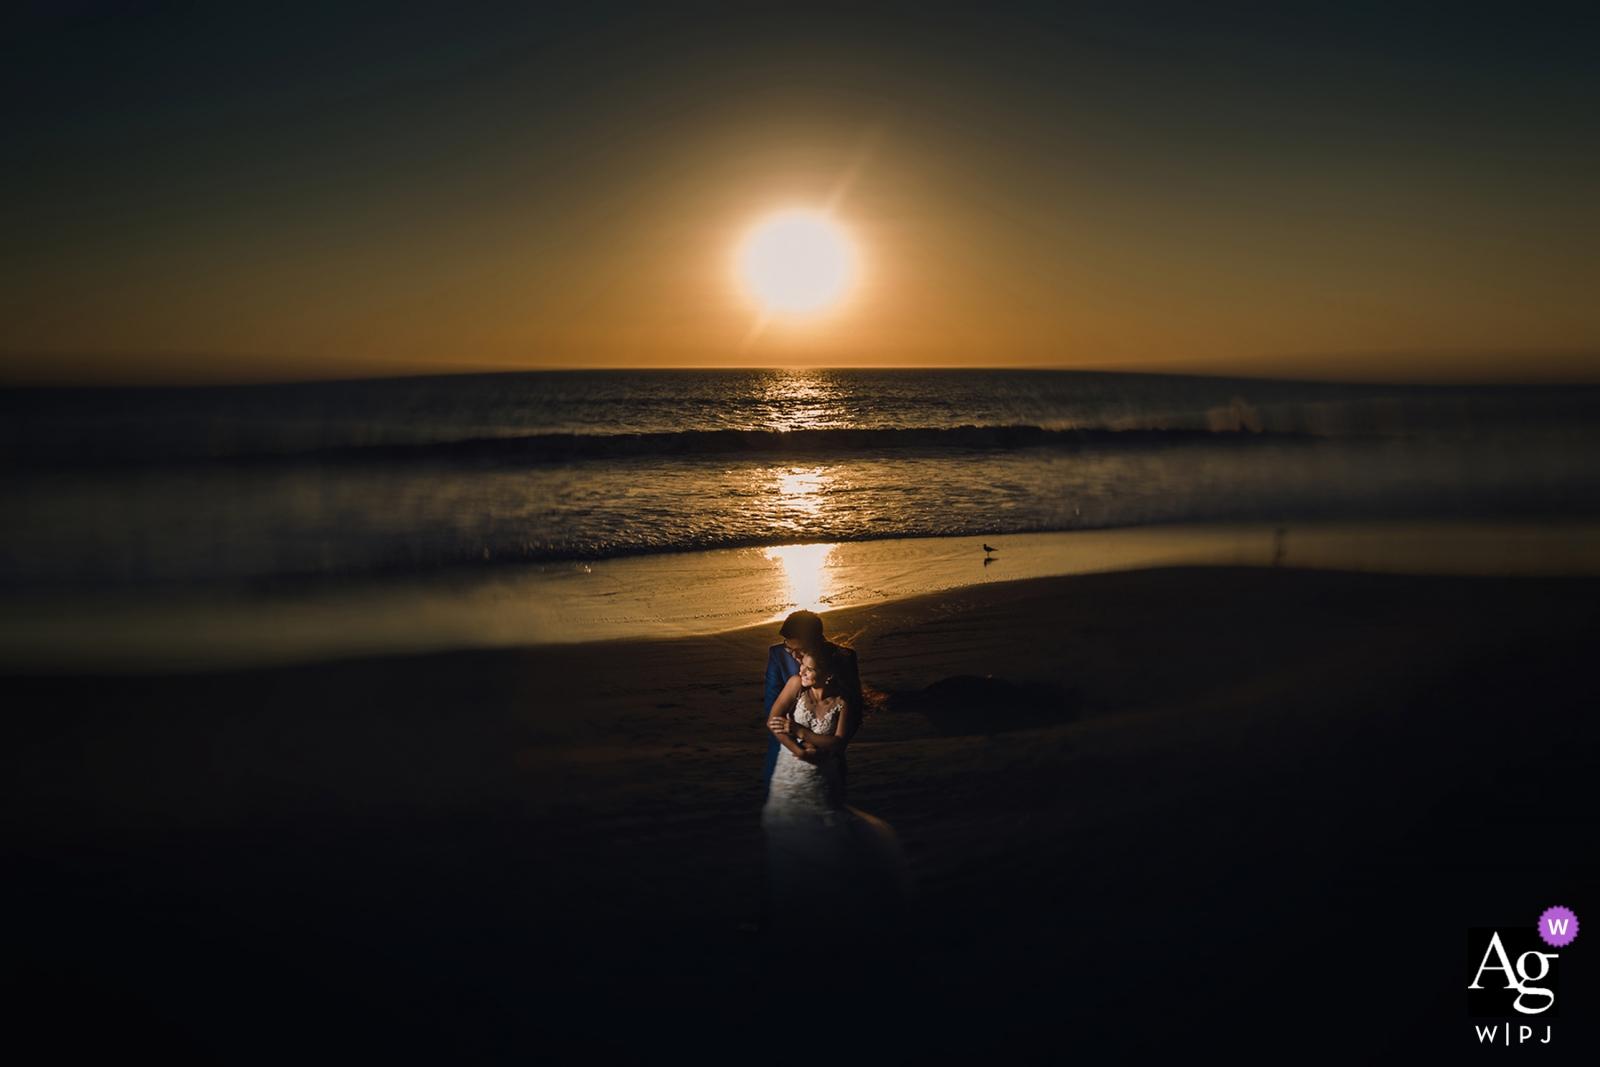 fotografia ślubna portret panny młodej i pana młodego w Limie, Peru